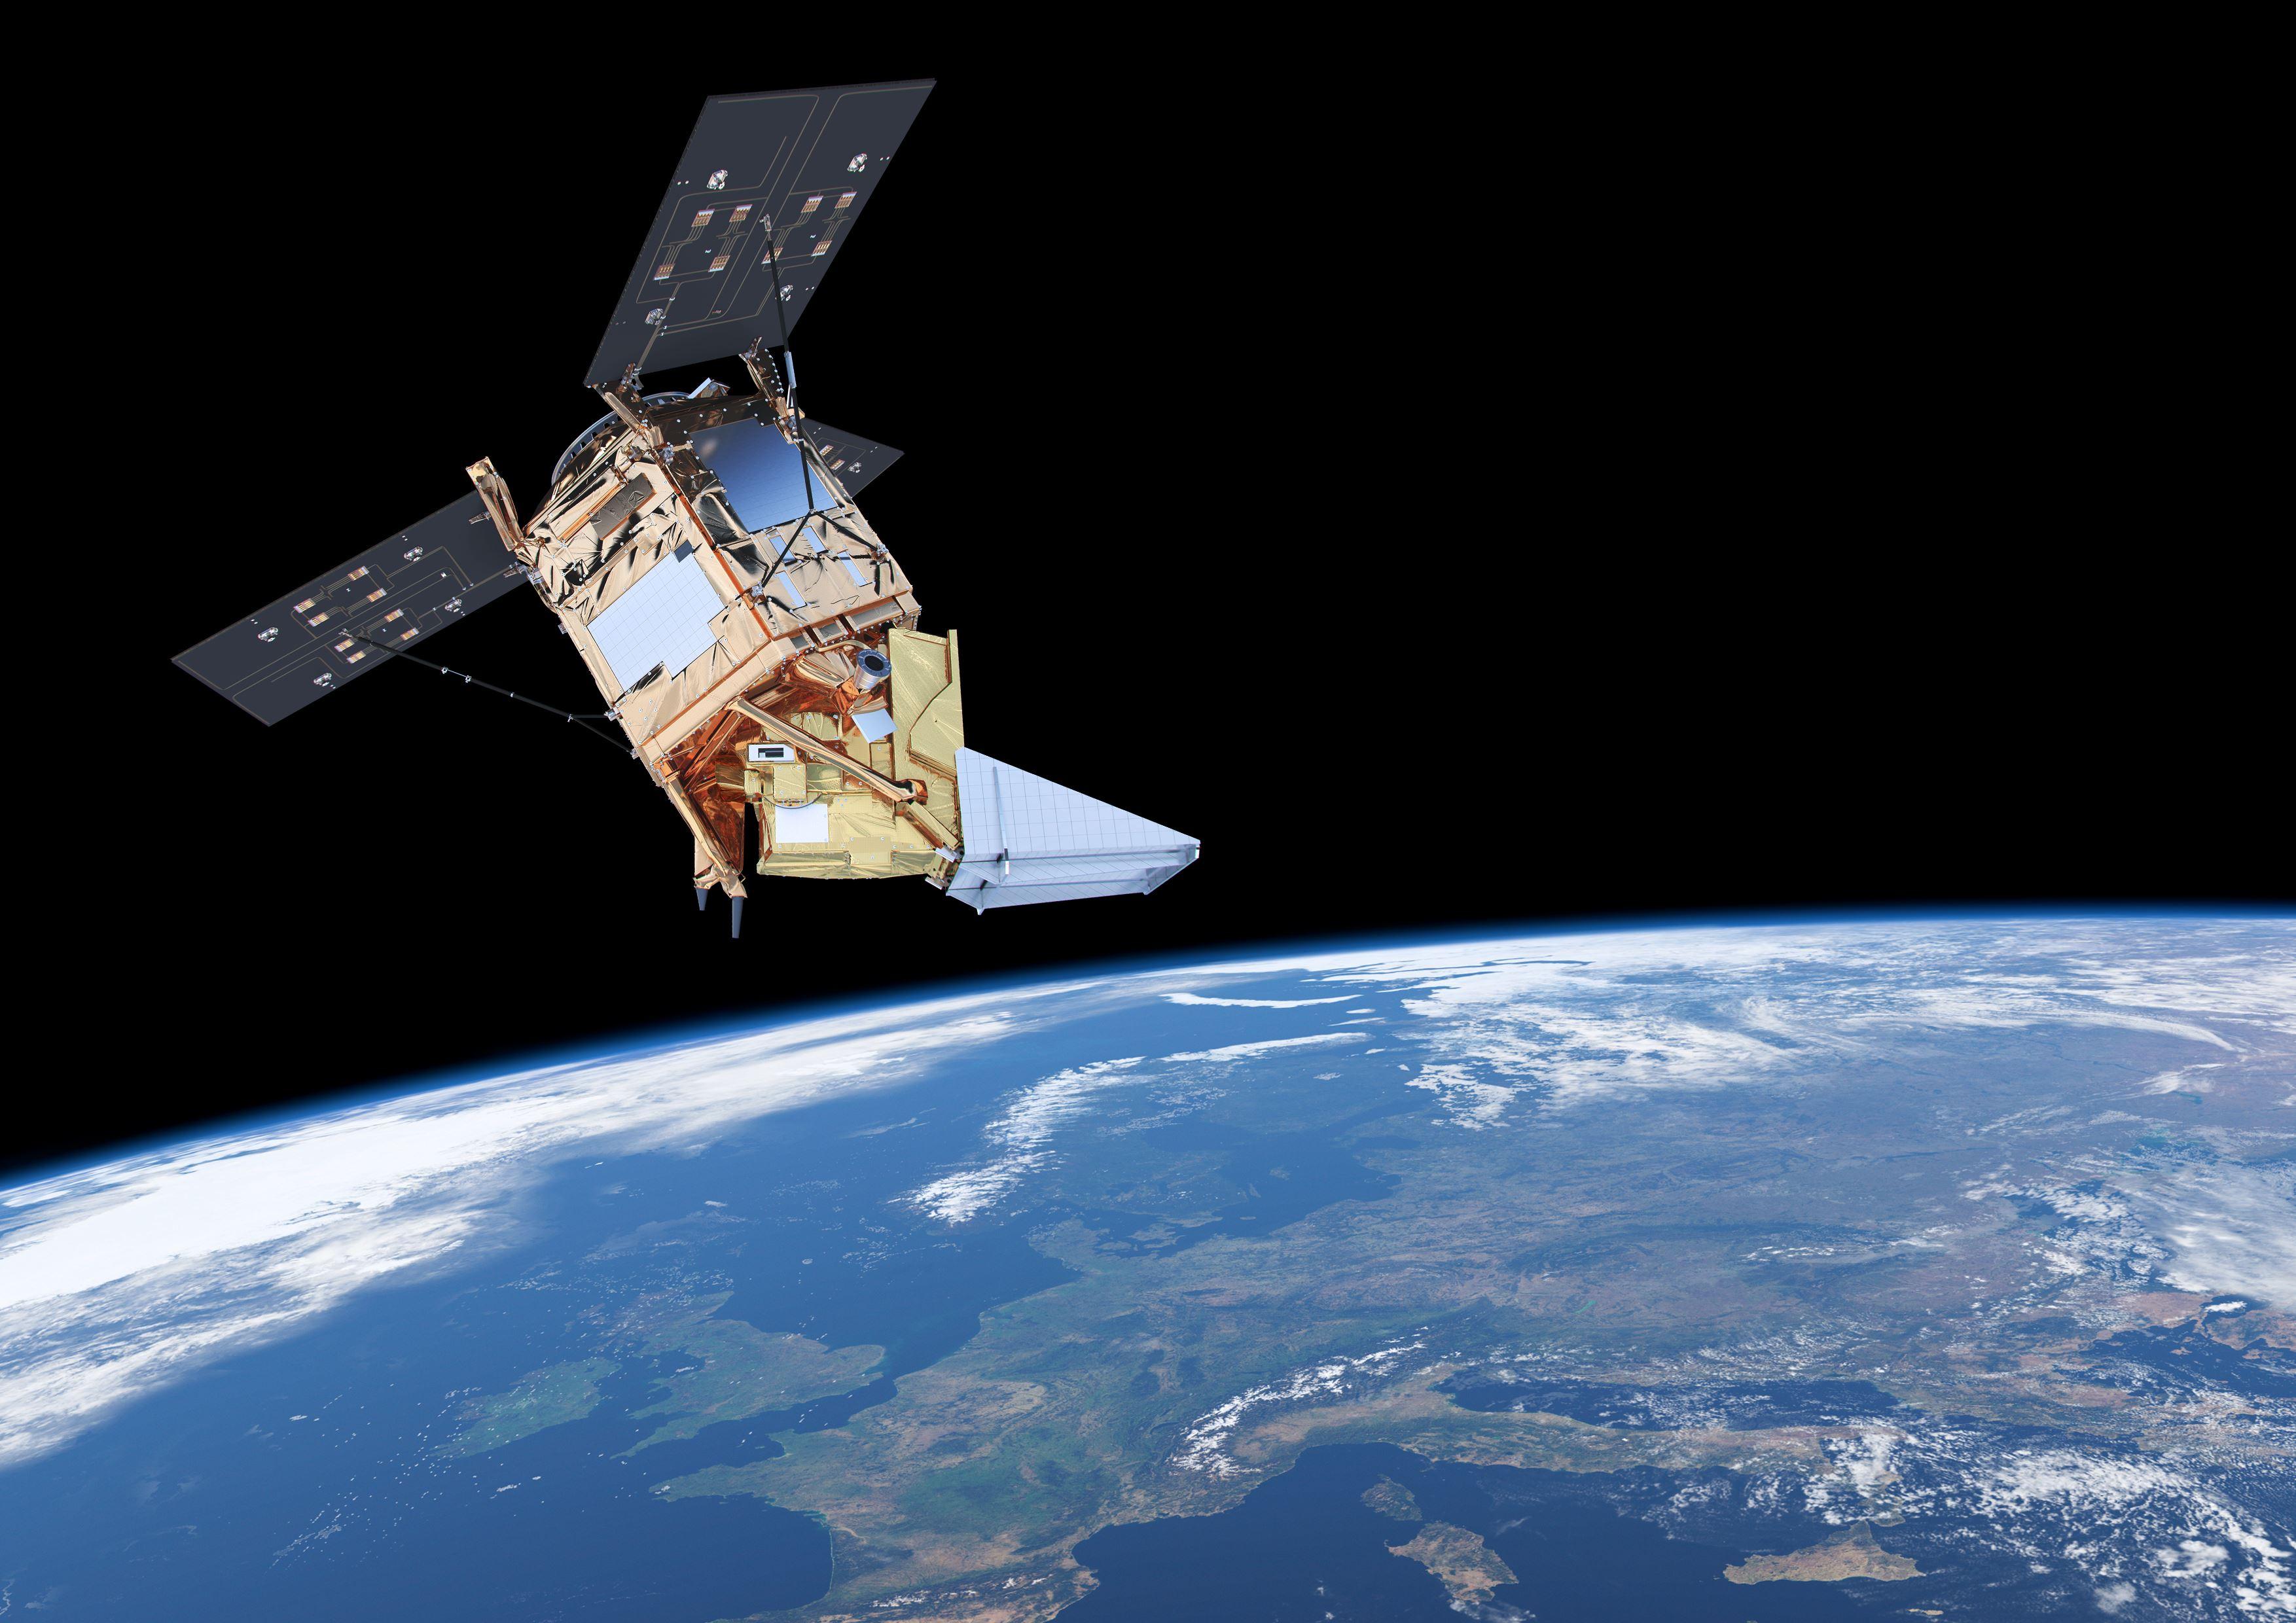 Brasil se encuentra desarrollando un cohete más pequeño para microsatélites que será lanzado en 2019.